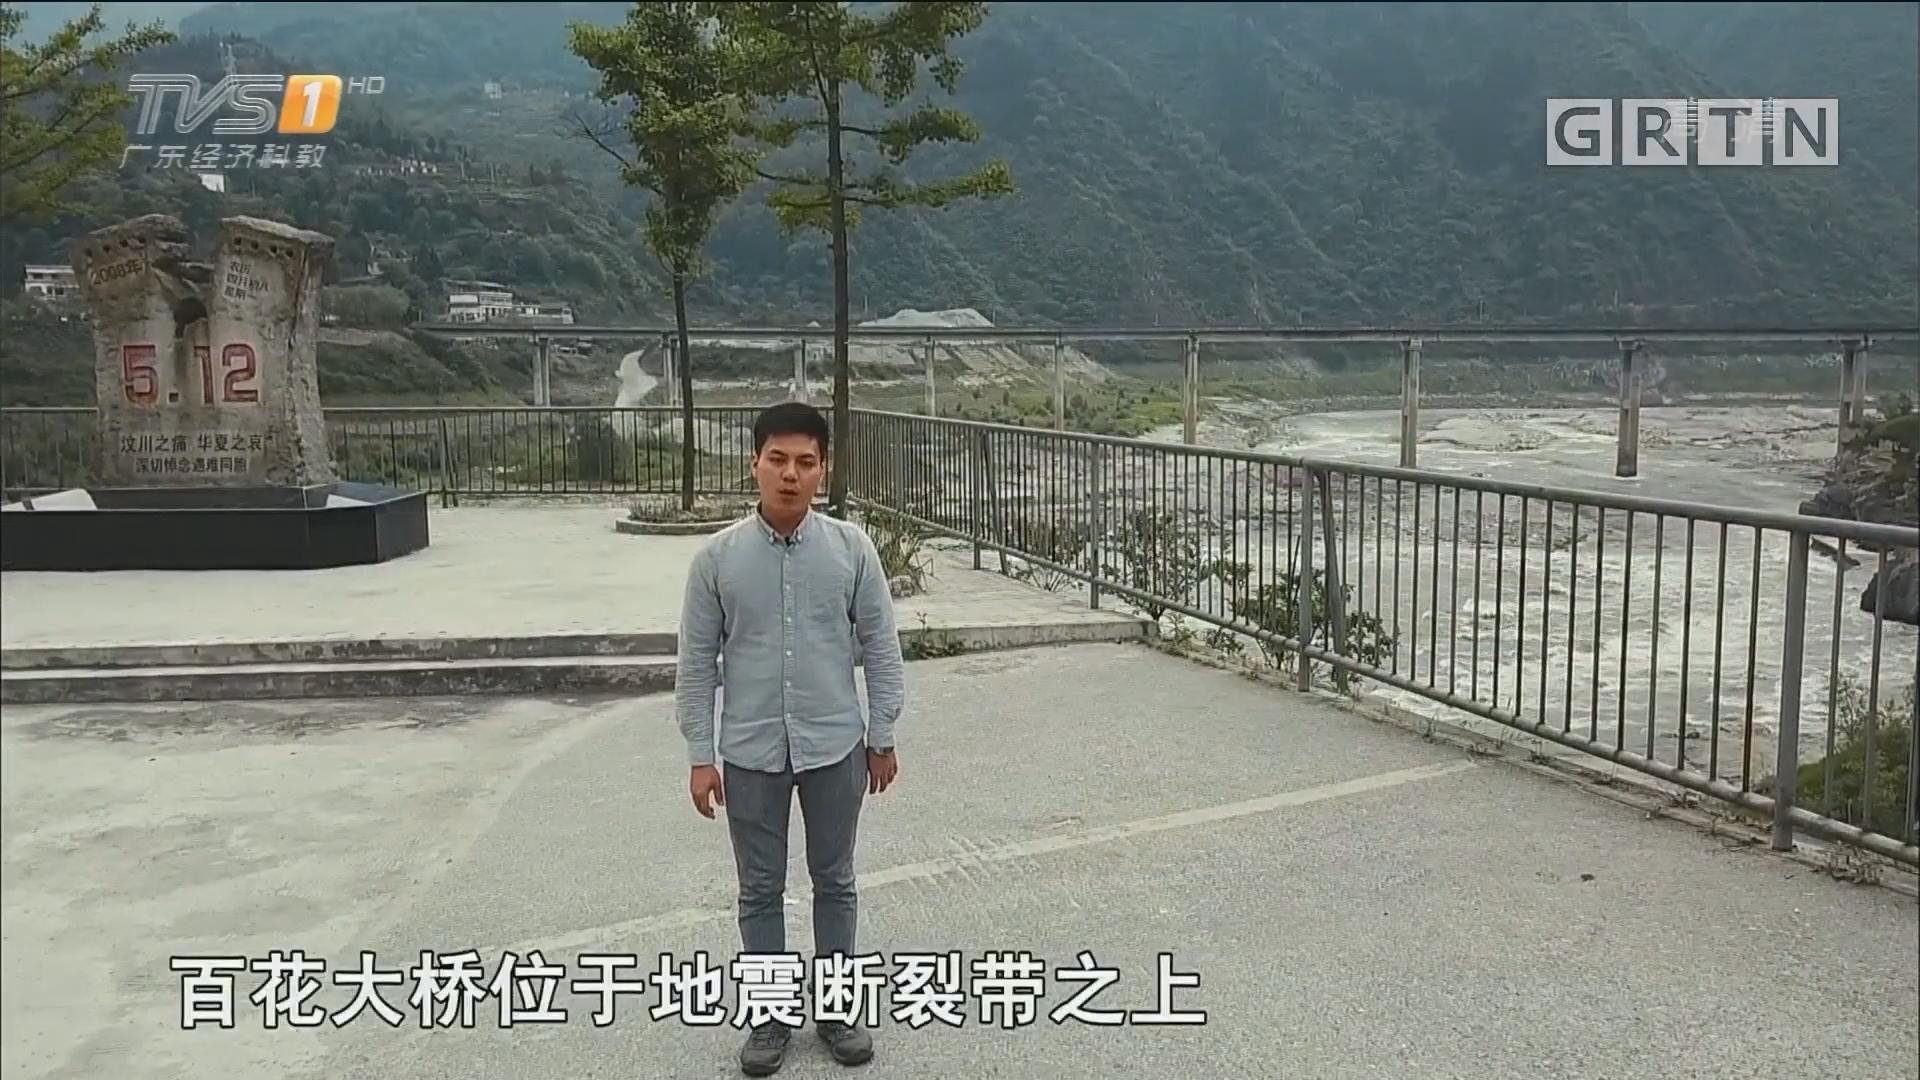 系列报道《汶川这十年》:十年之后 重走龙门山地震断裂带